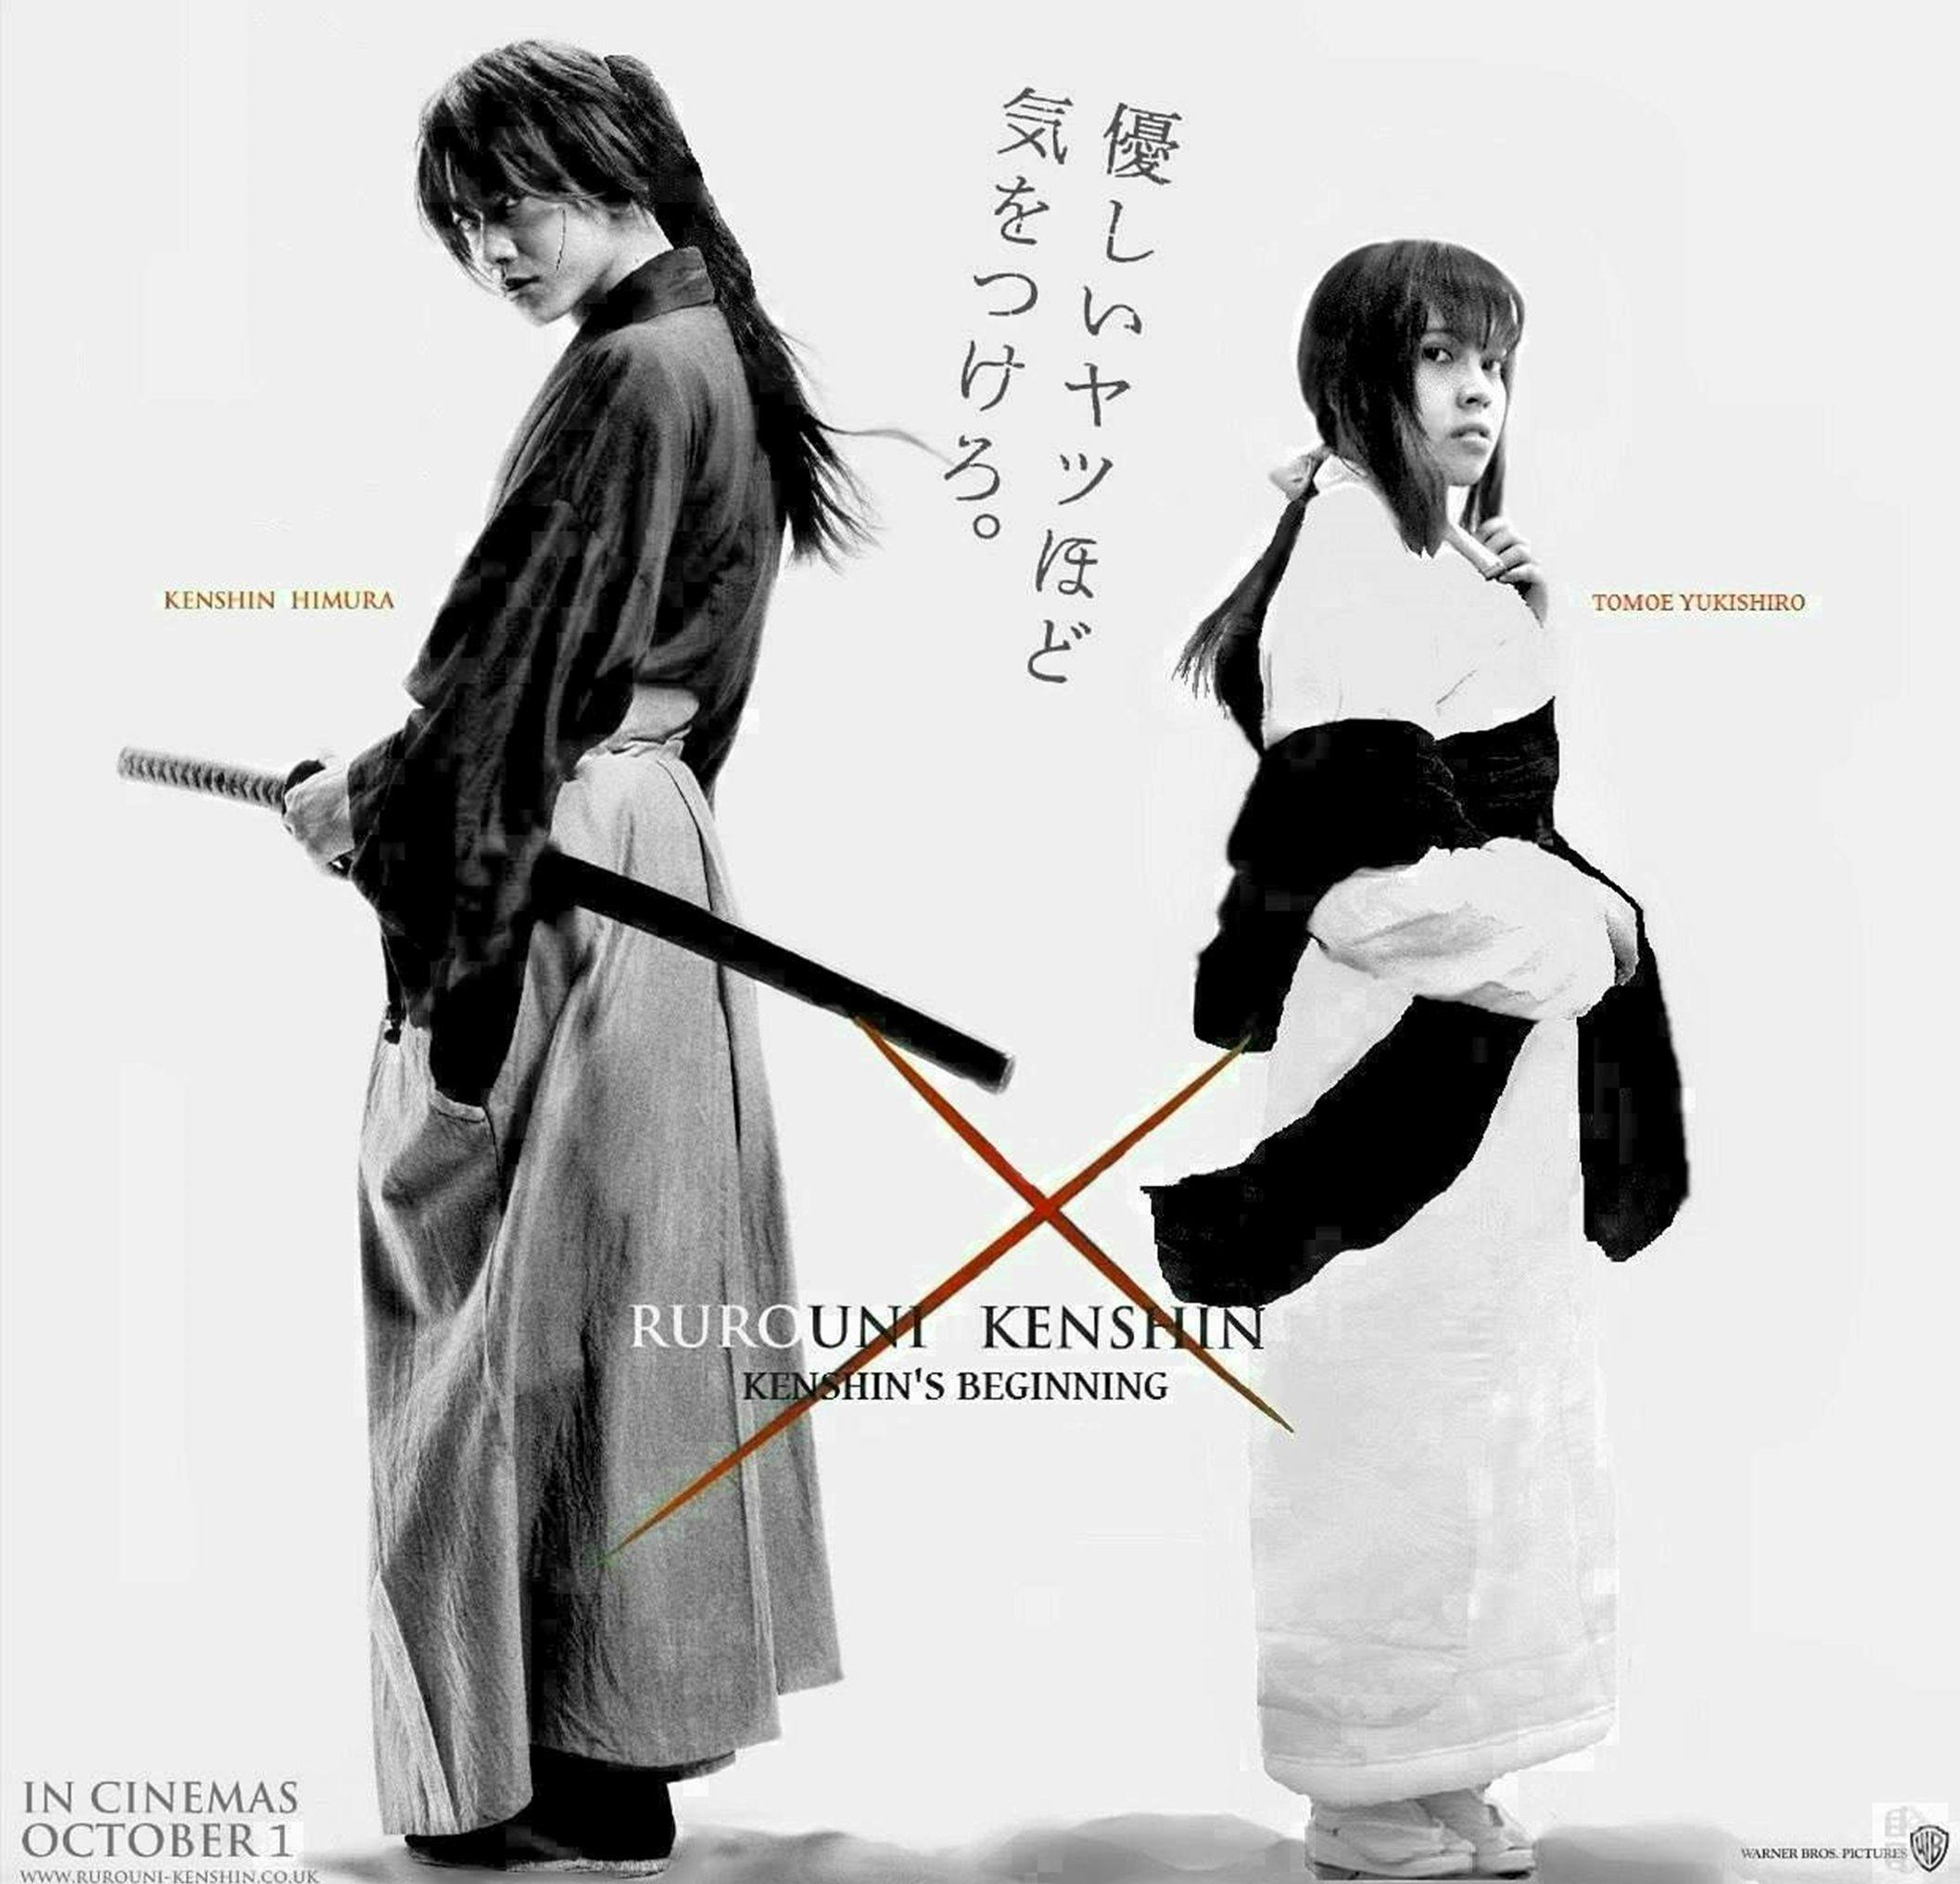 Rurouni Kenshin 4 Kenshin \u0026 Tomoe るろうに剣心 4 剣心 と